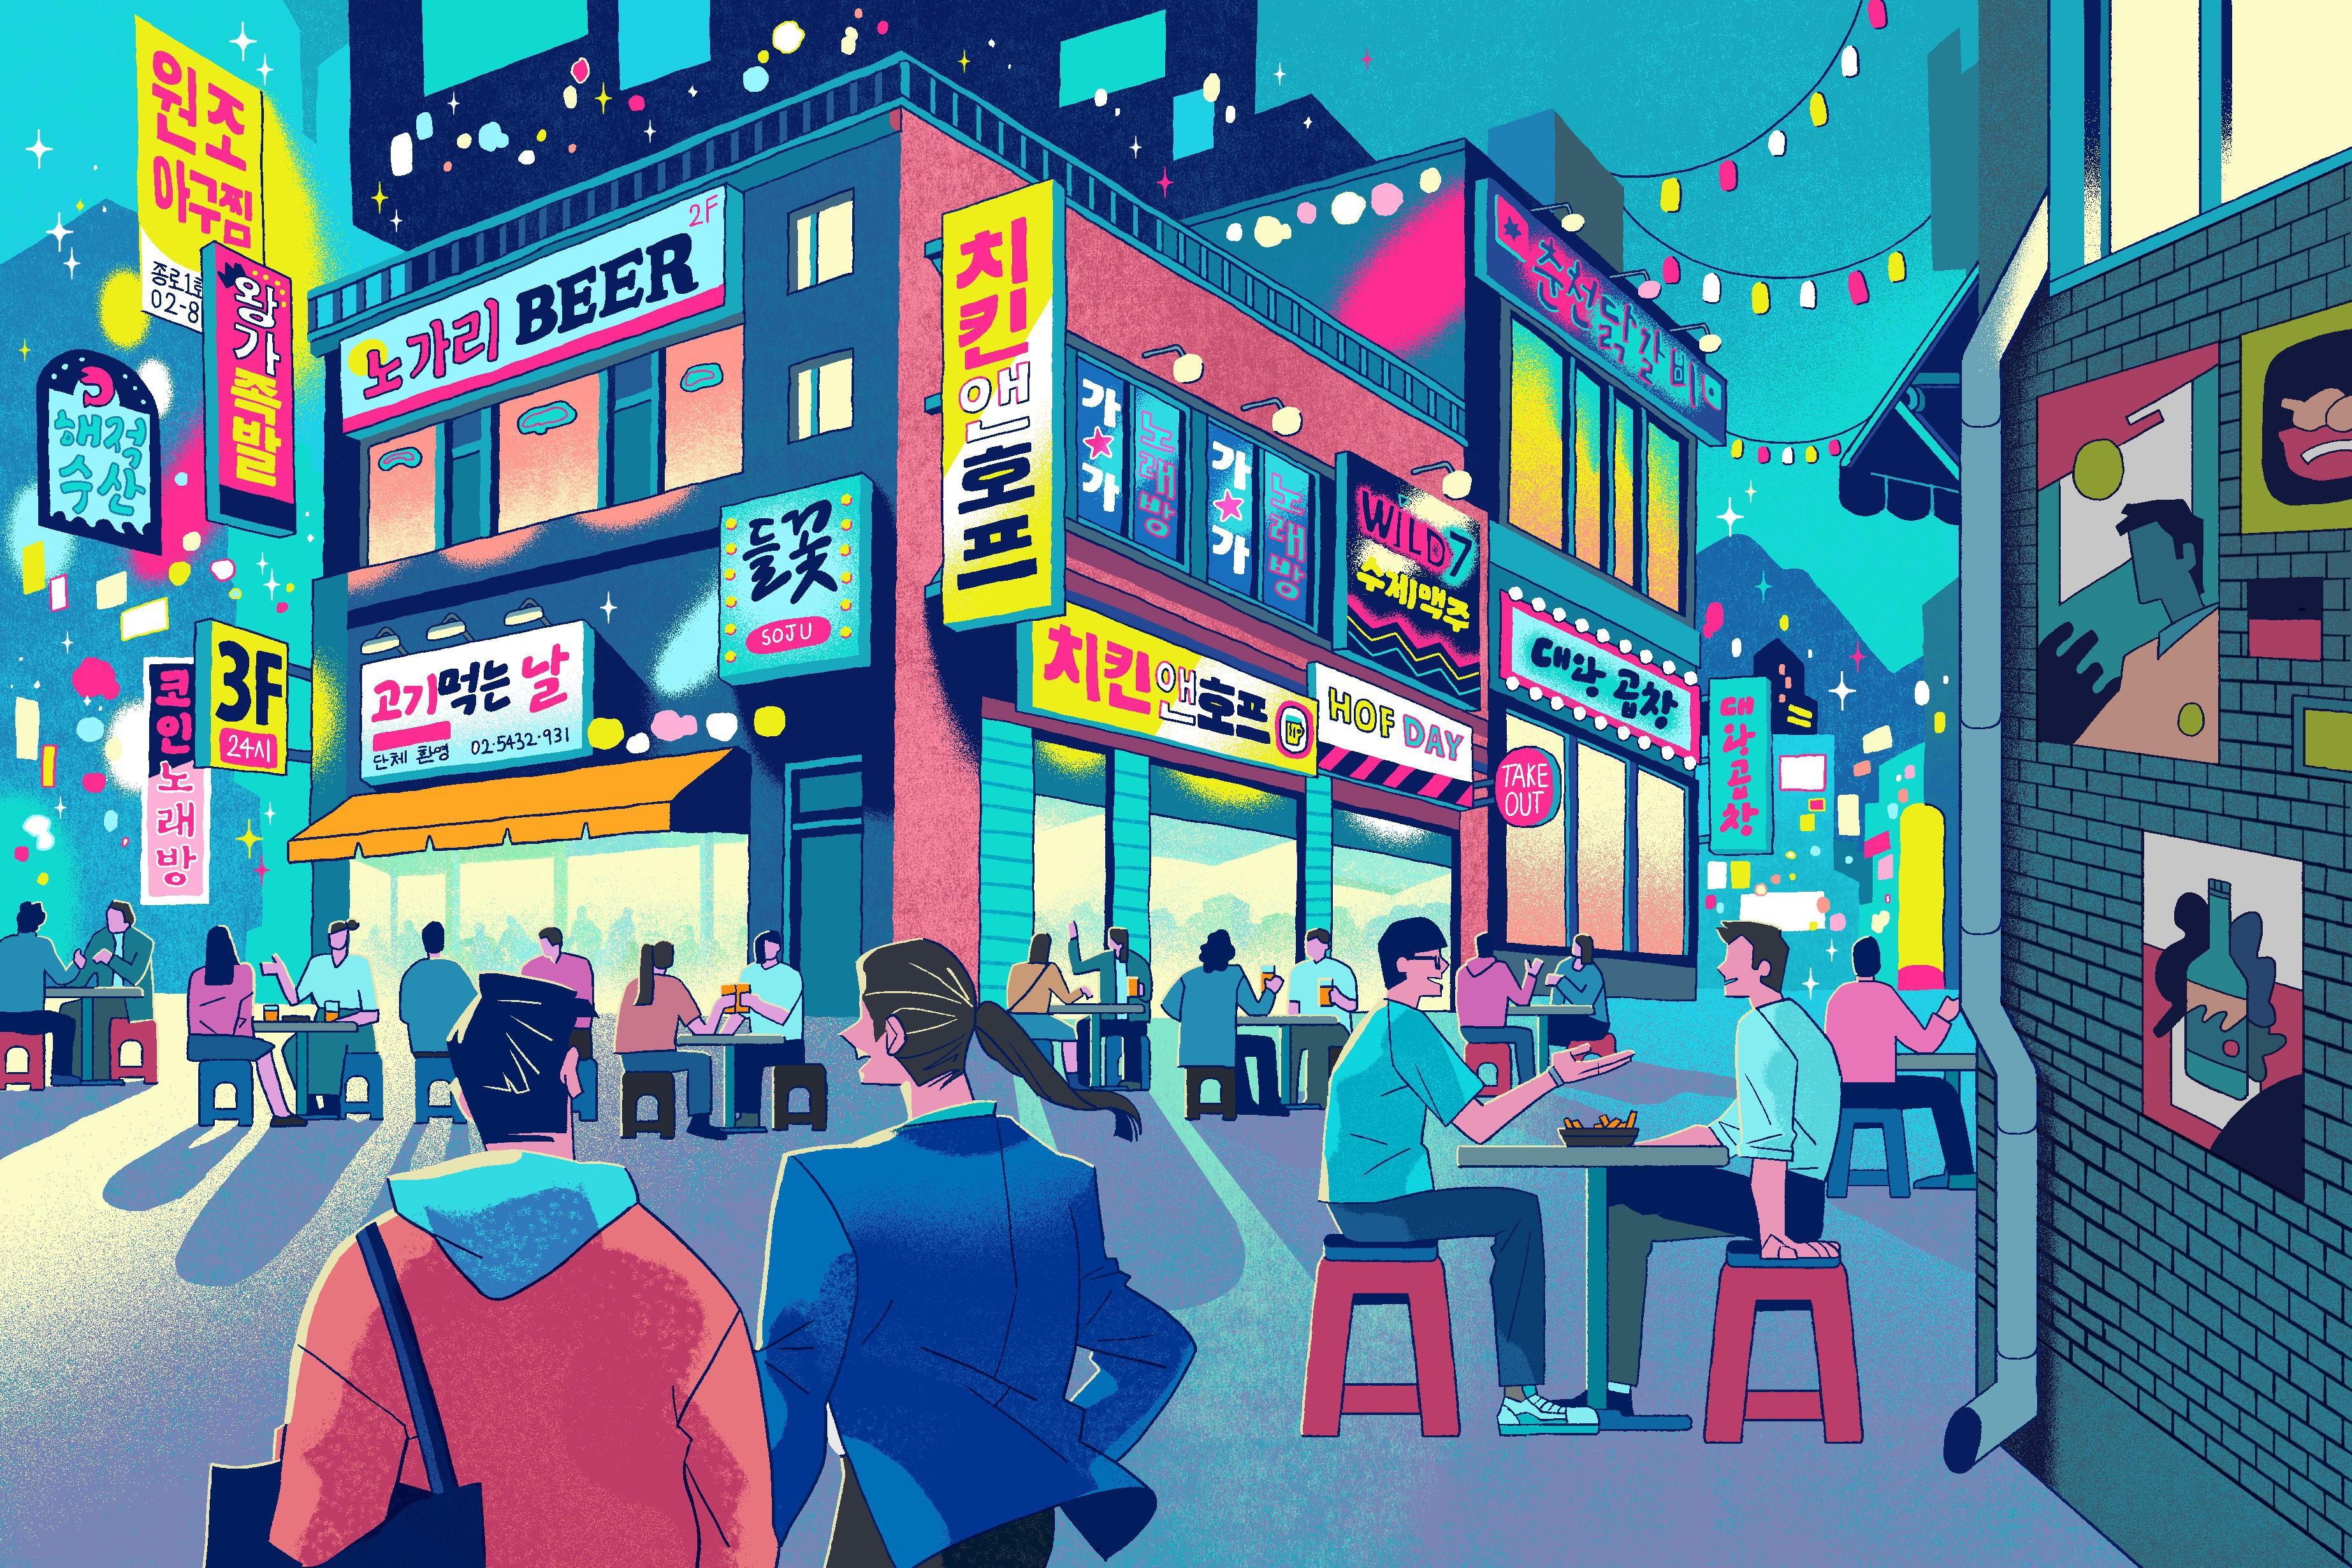 Seoul - Bars & Cafes